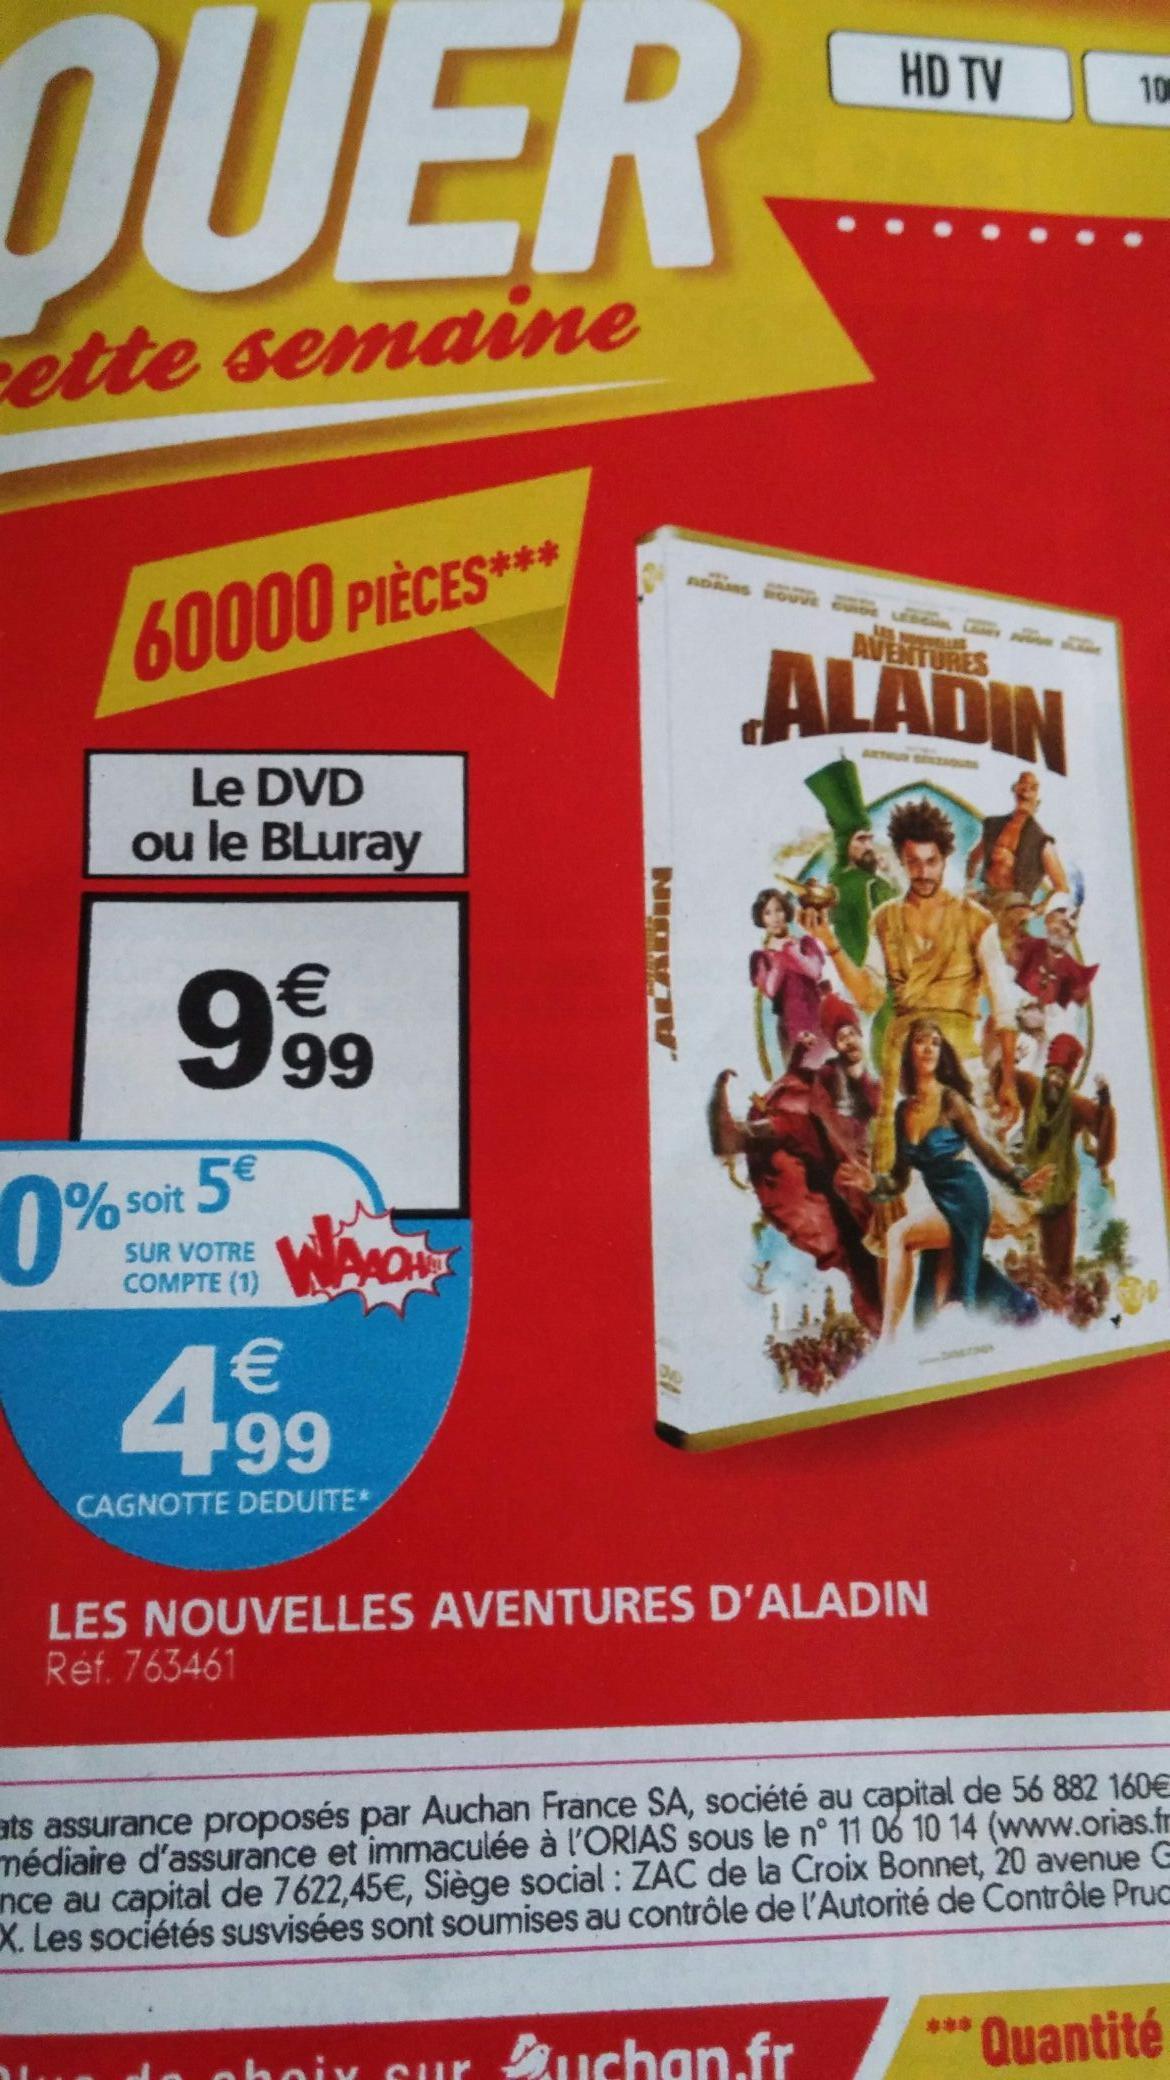 DVD ou BLURAY Les nouvelles aventures d'Aladin (avec 5€ sur la carte)